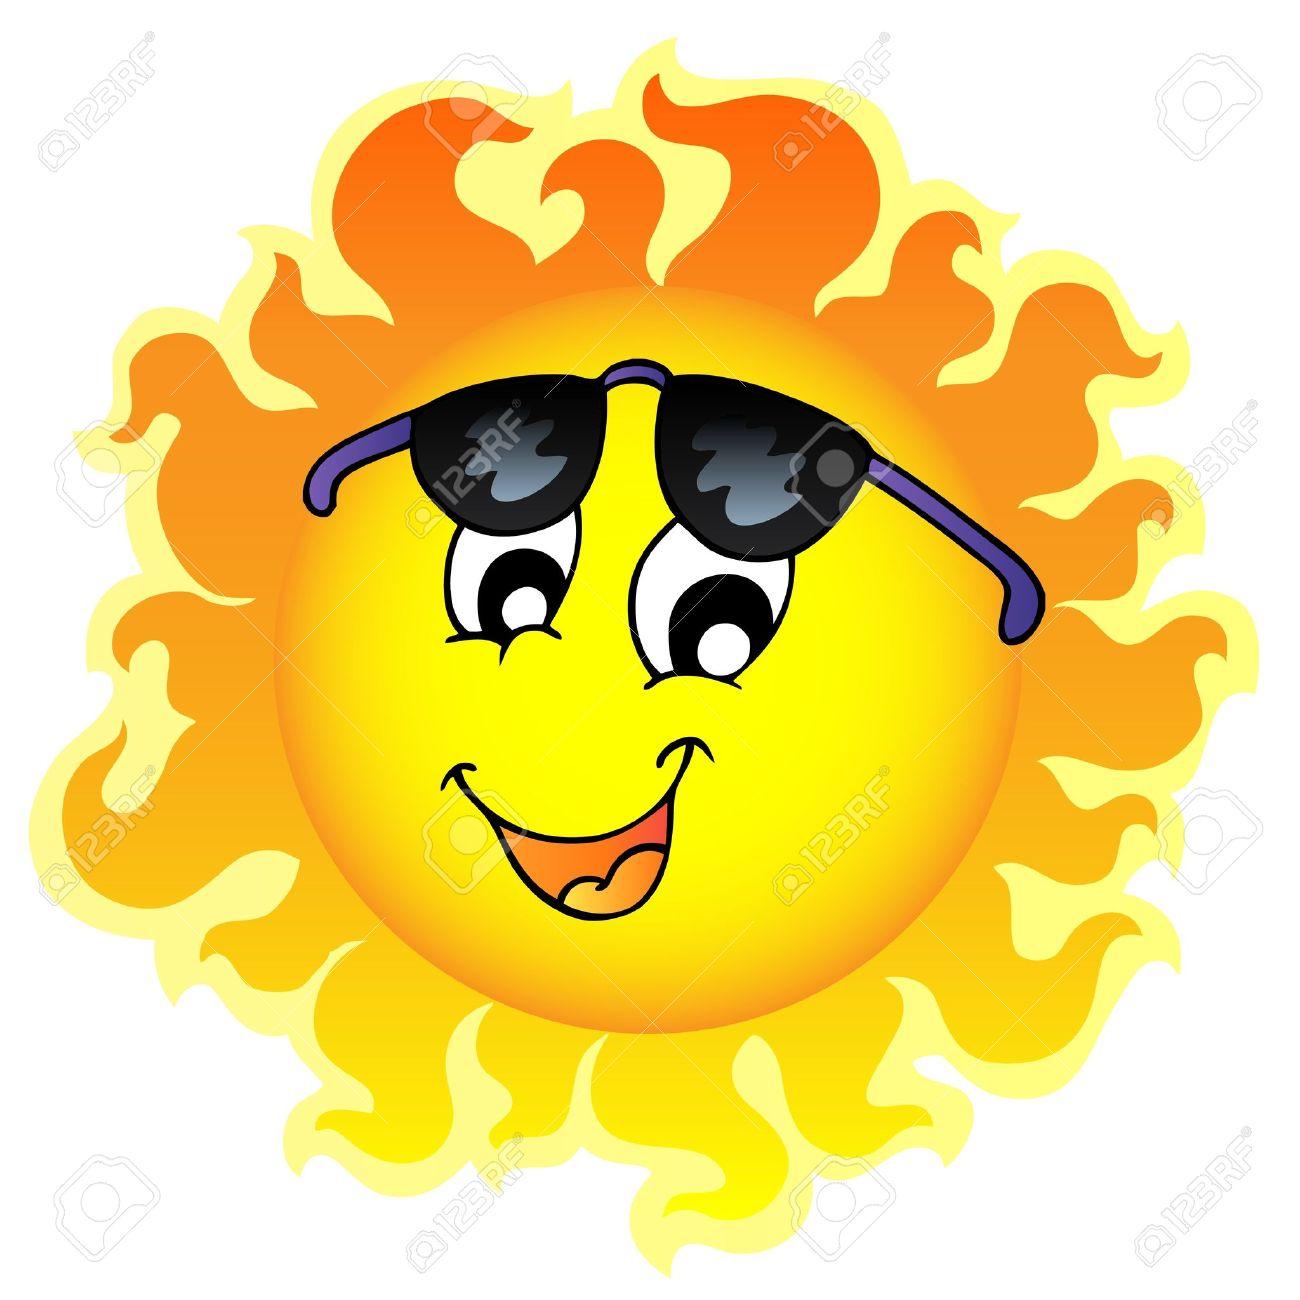 かわいい面白いサングラス - イラストの太陽。 ロイヤリティフリー